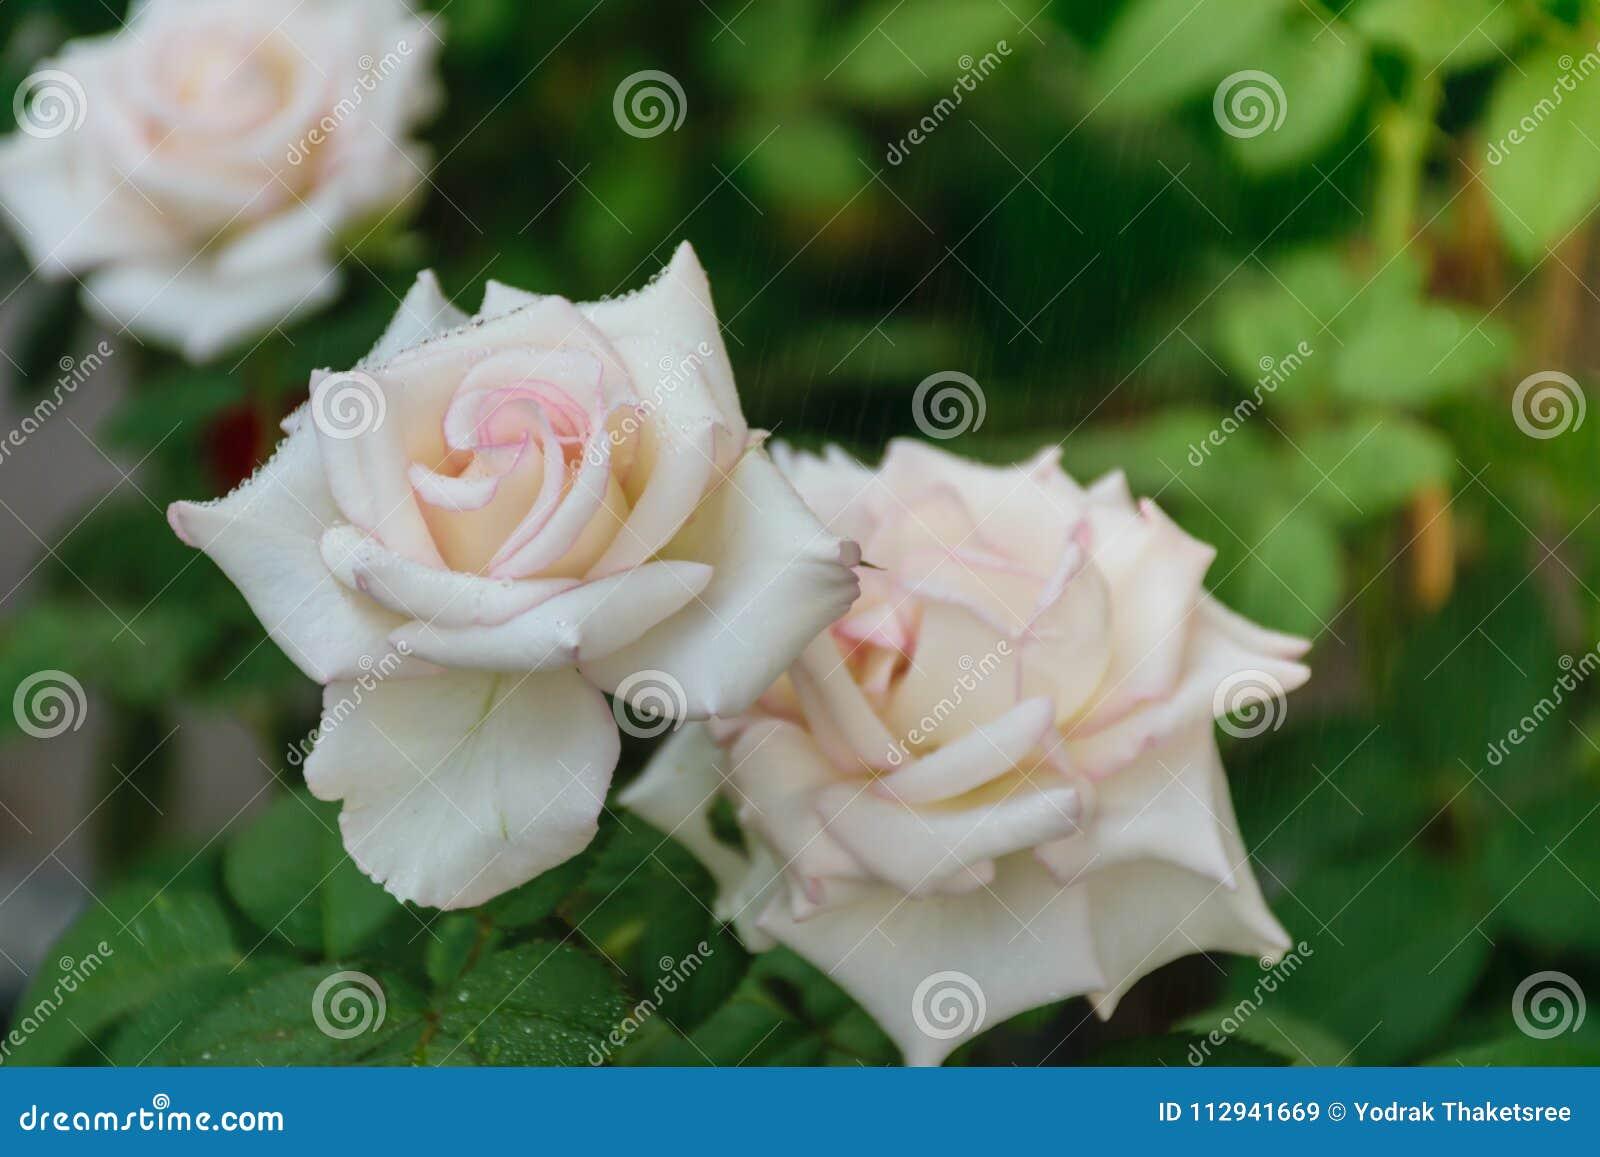 Blooming White Rose Petal Stock Image Image Of Detail 112941669